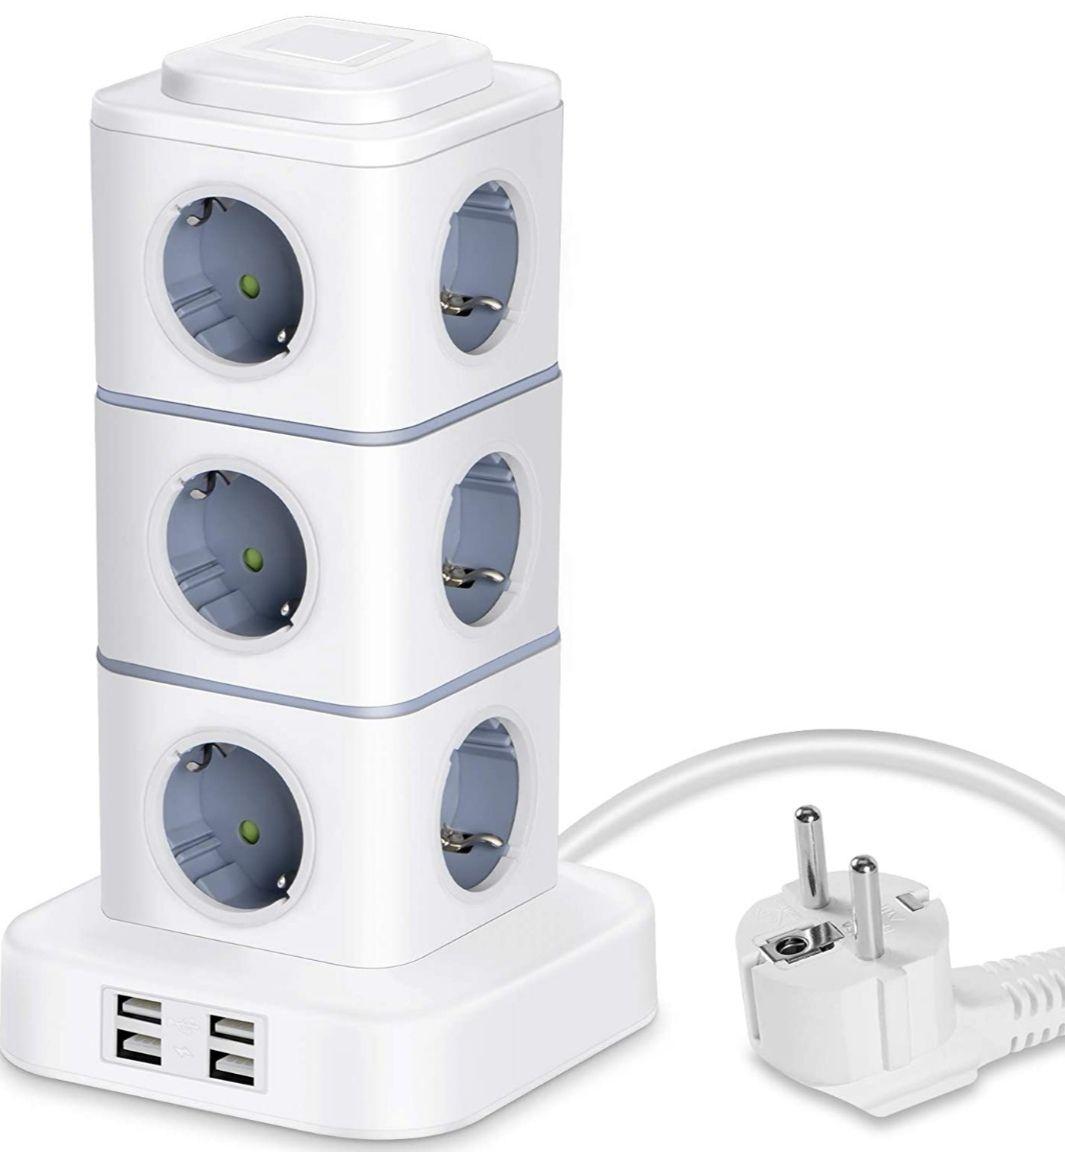 Regleta Vertical 12 Tomas de Corrientes + 4 Tomas USB Rápida, con luz nocturna regulable